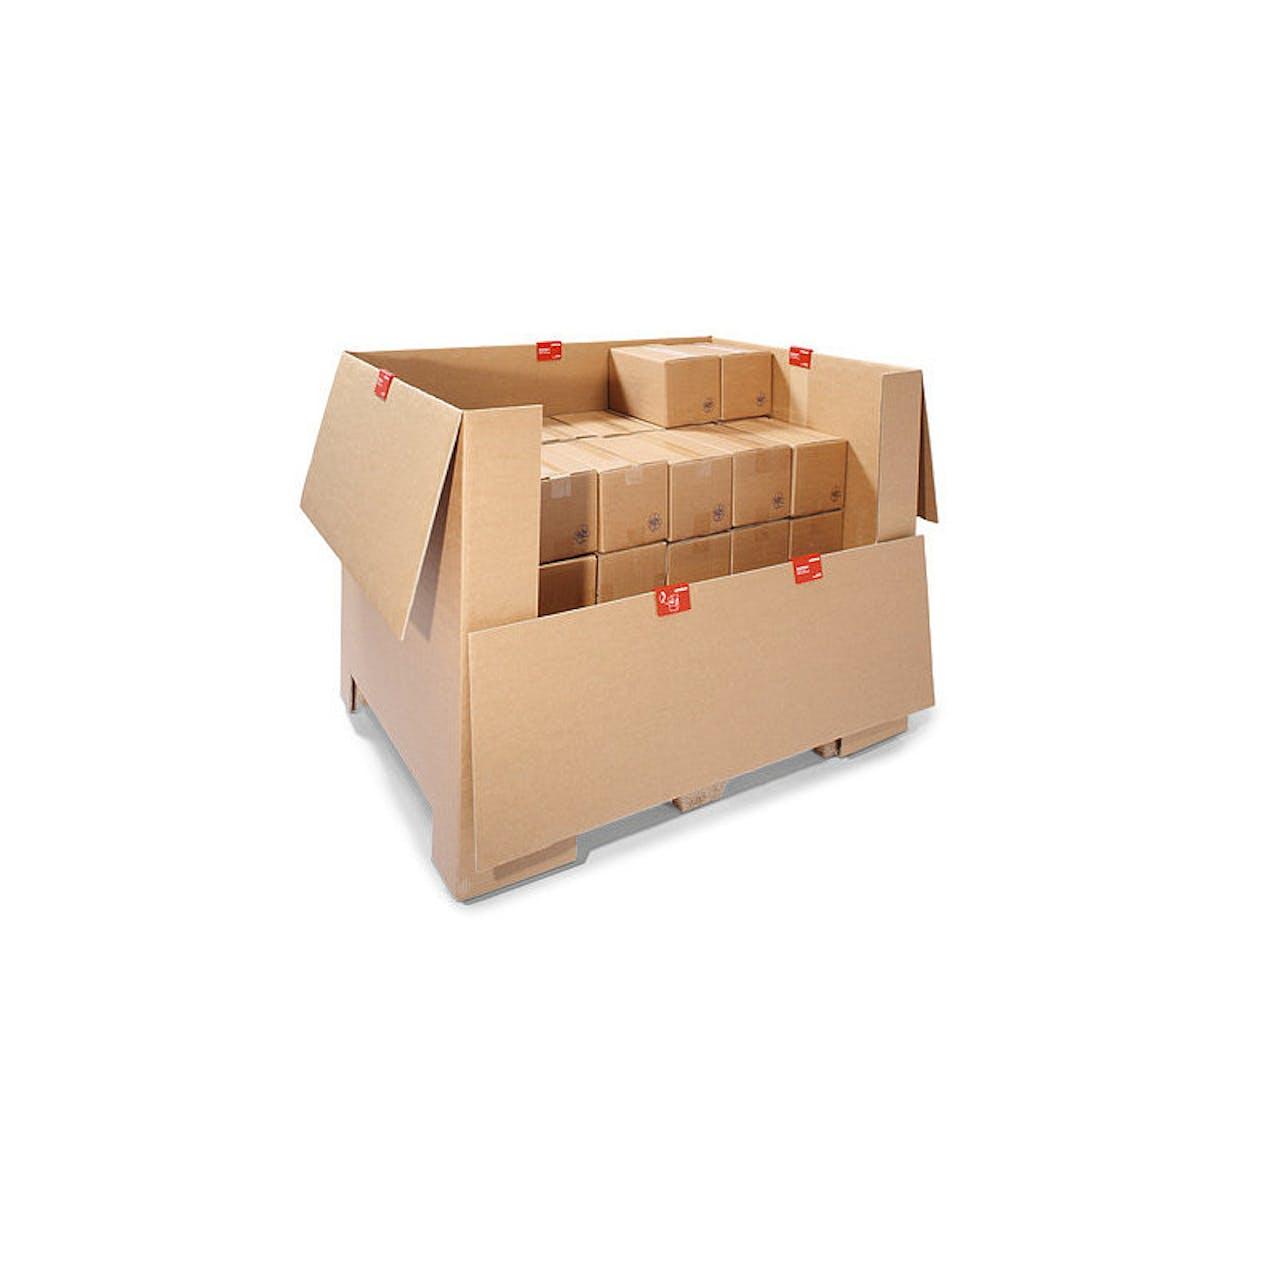 Karton für Pressholz-Palette, 1200 x 800 x 790 mm, 1 Europalette, 2-wellig